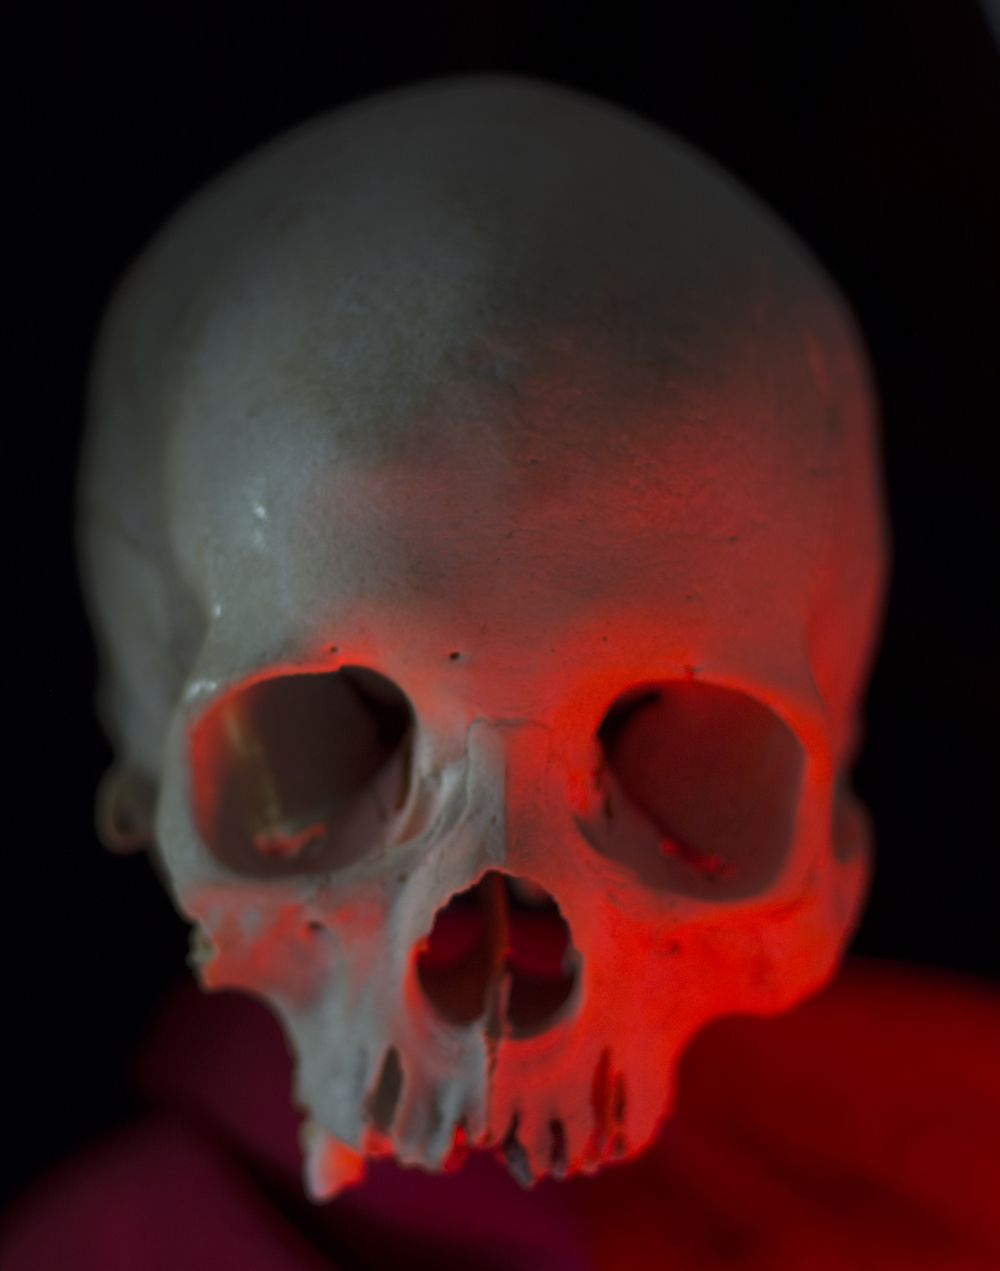 Img 8678 Skull Reference Skull Human Skull